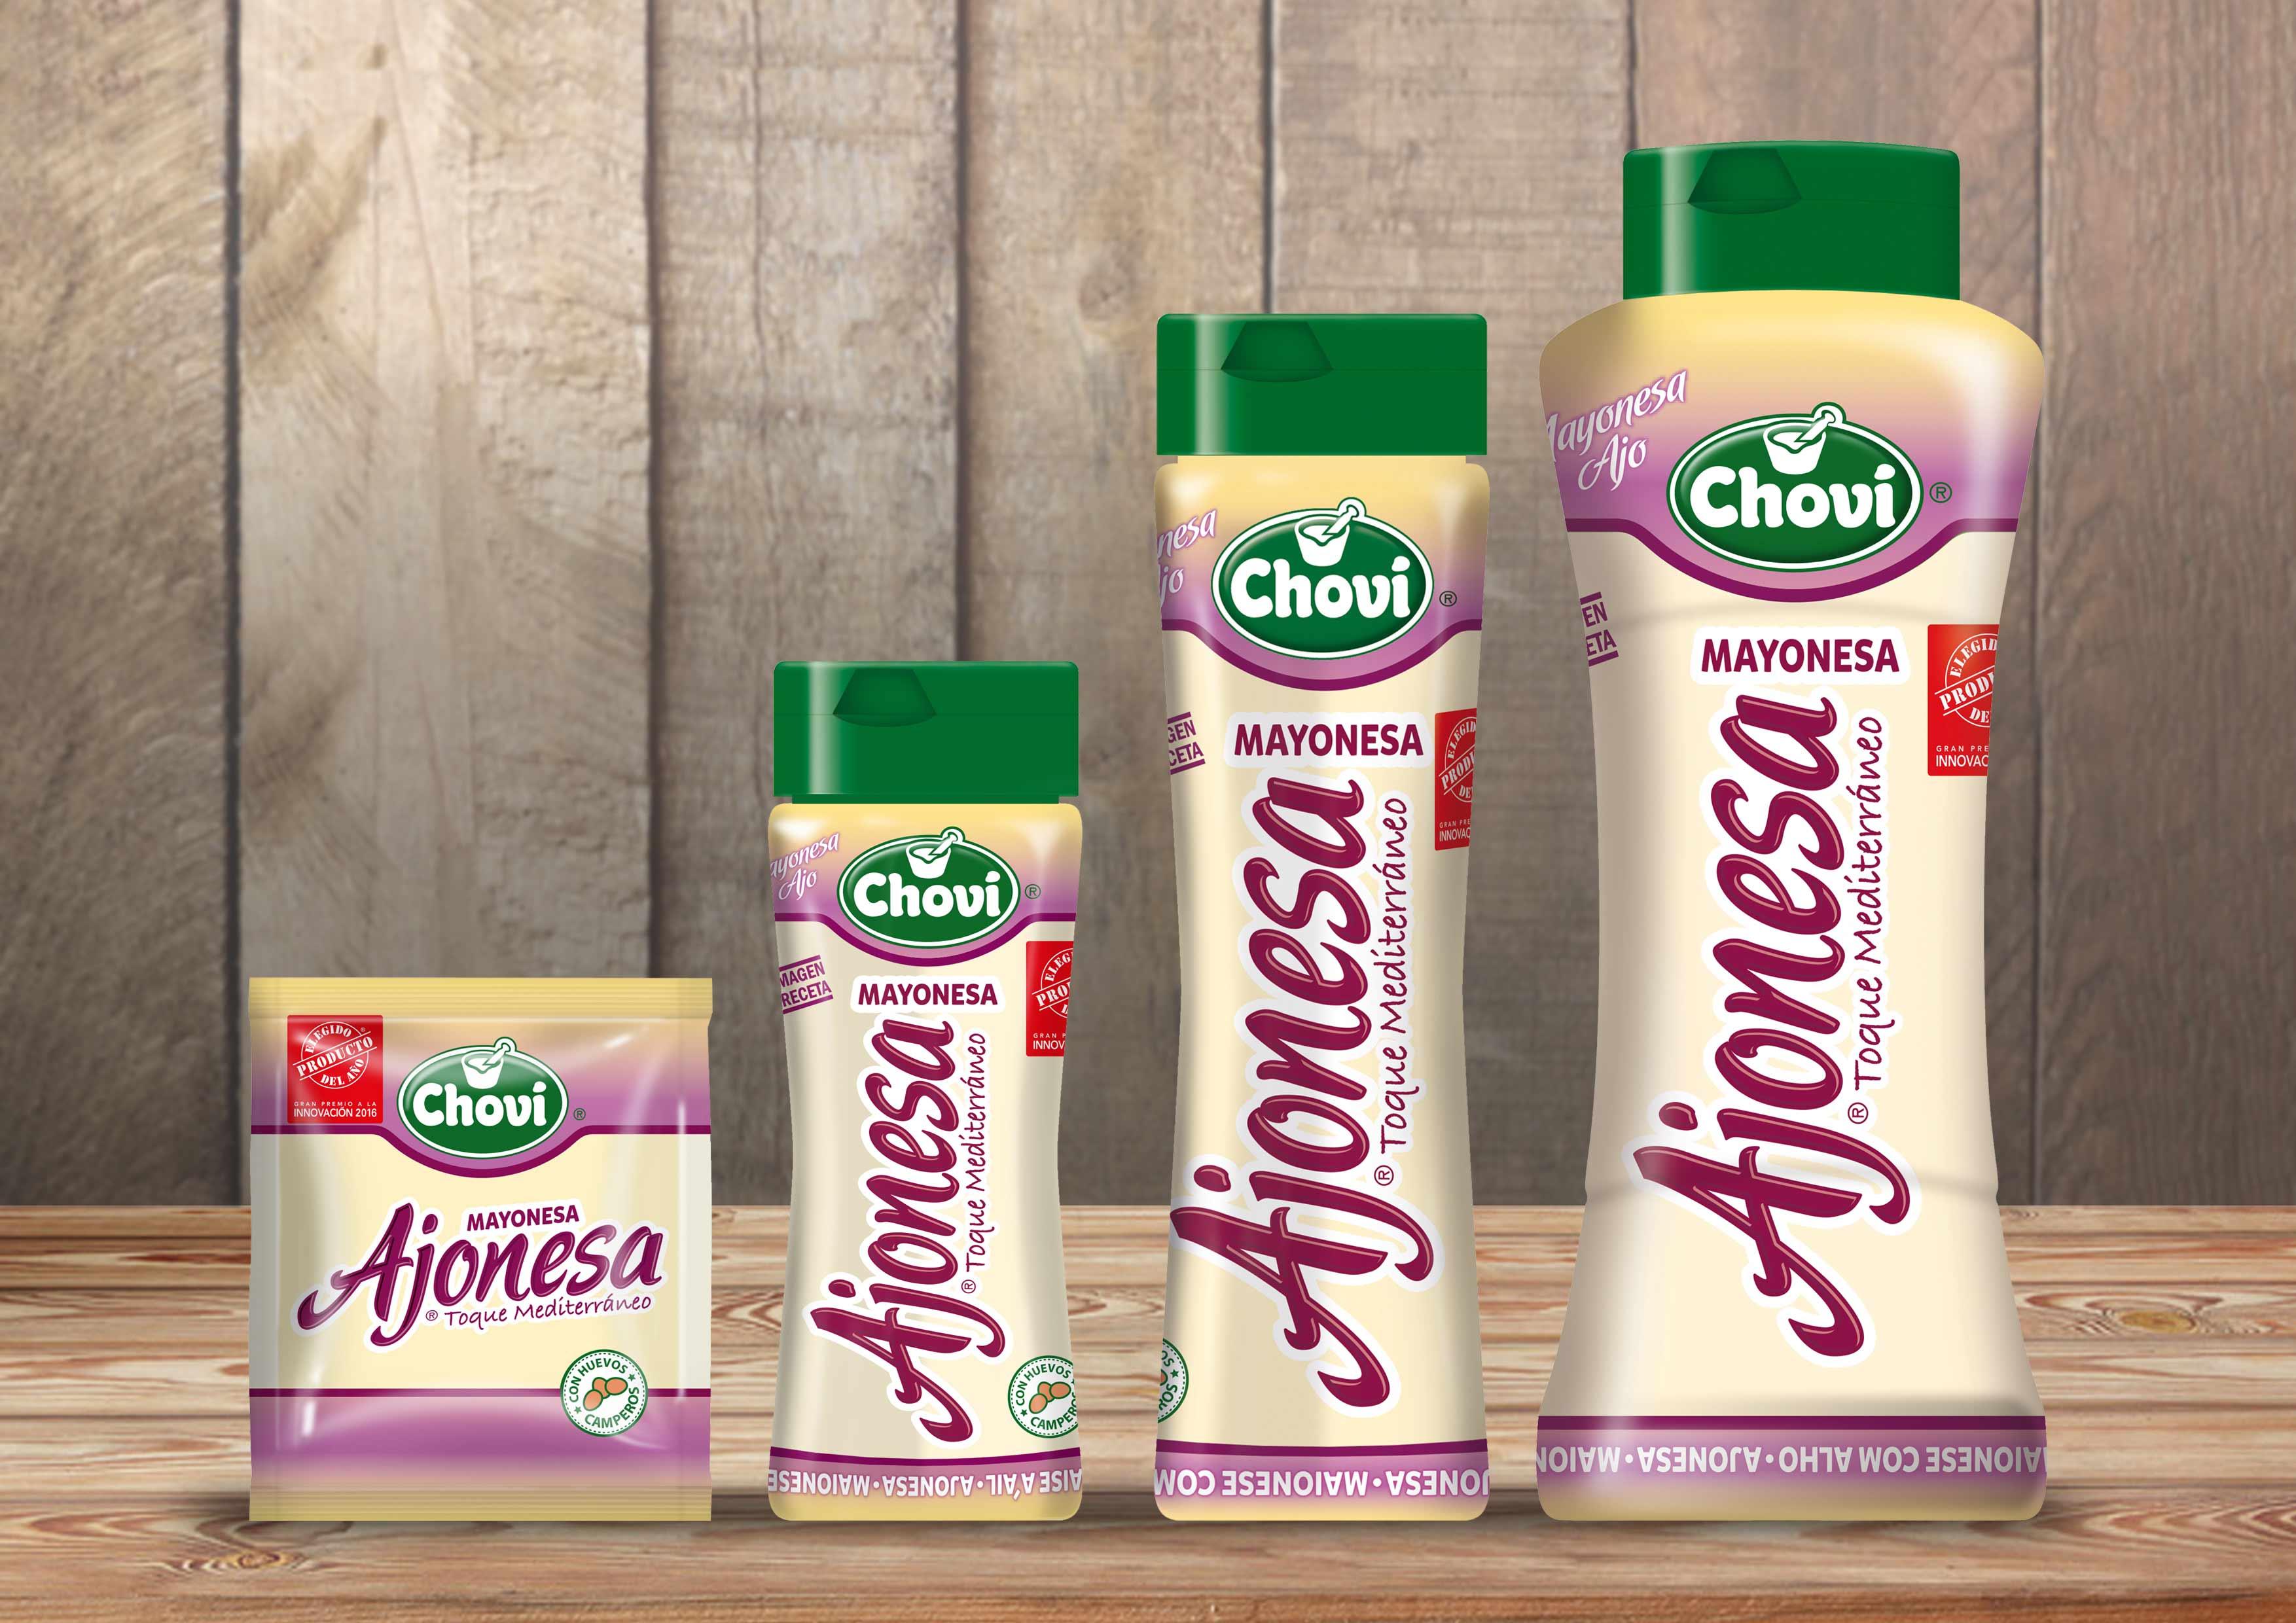 Ajonesa-Chovi-Pack